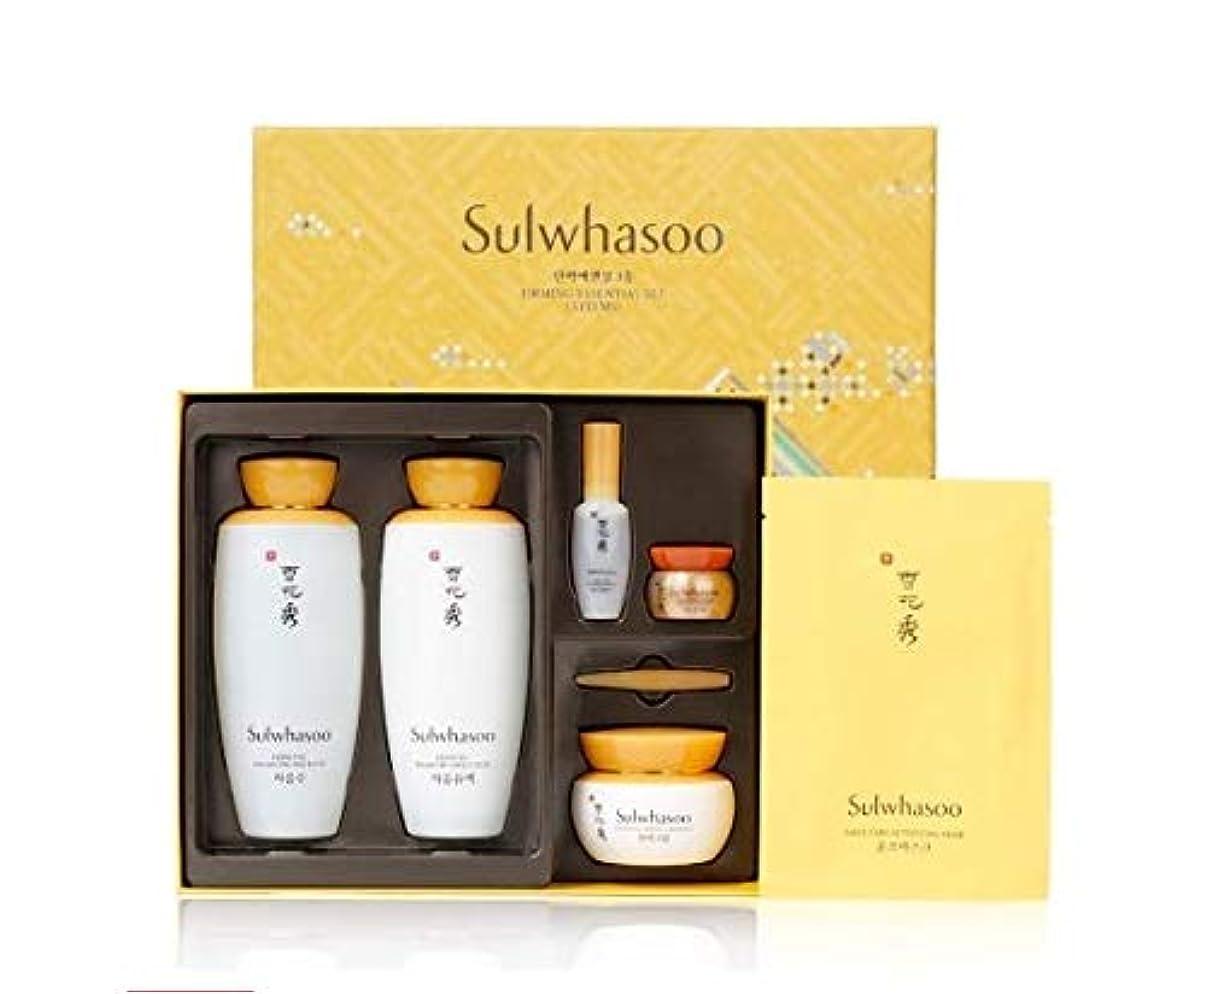 振幅できたいらいらする[(雪花秀) Sulwhasoo]基礎化粧品 [ Foundation cosmetics Essential water and emulsion 125ml + Essential Firming Cream EX...